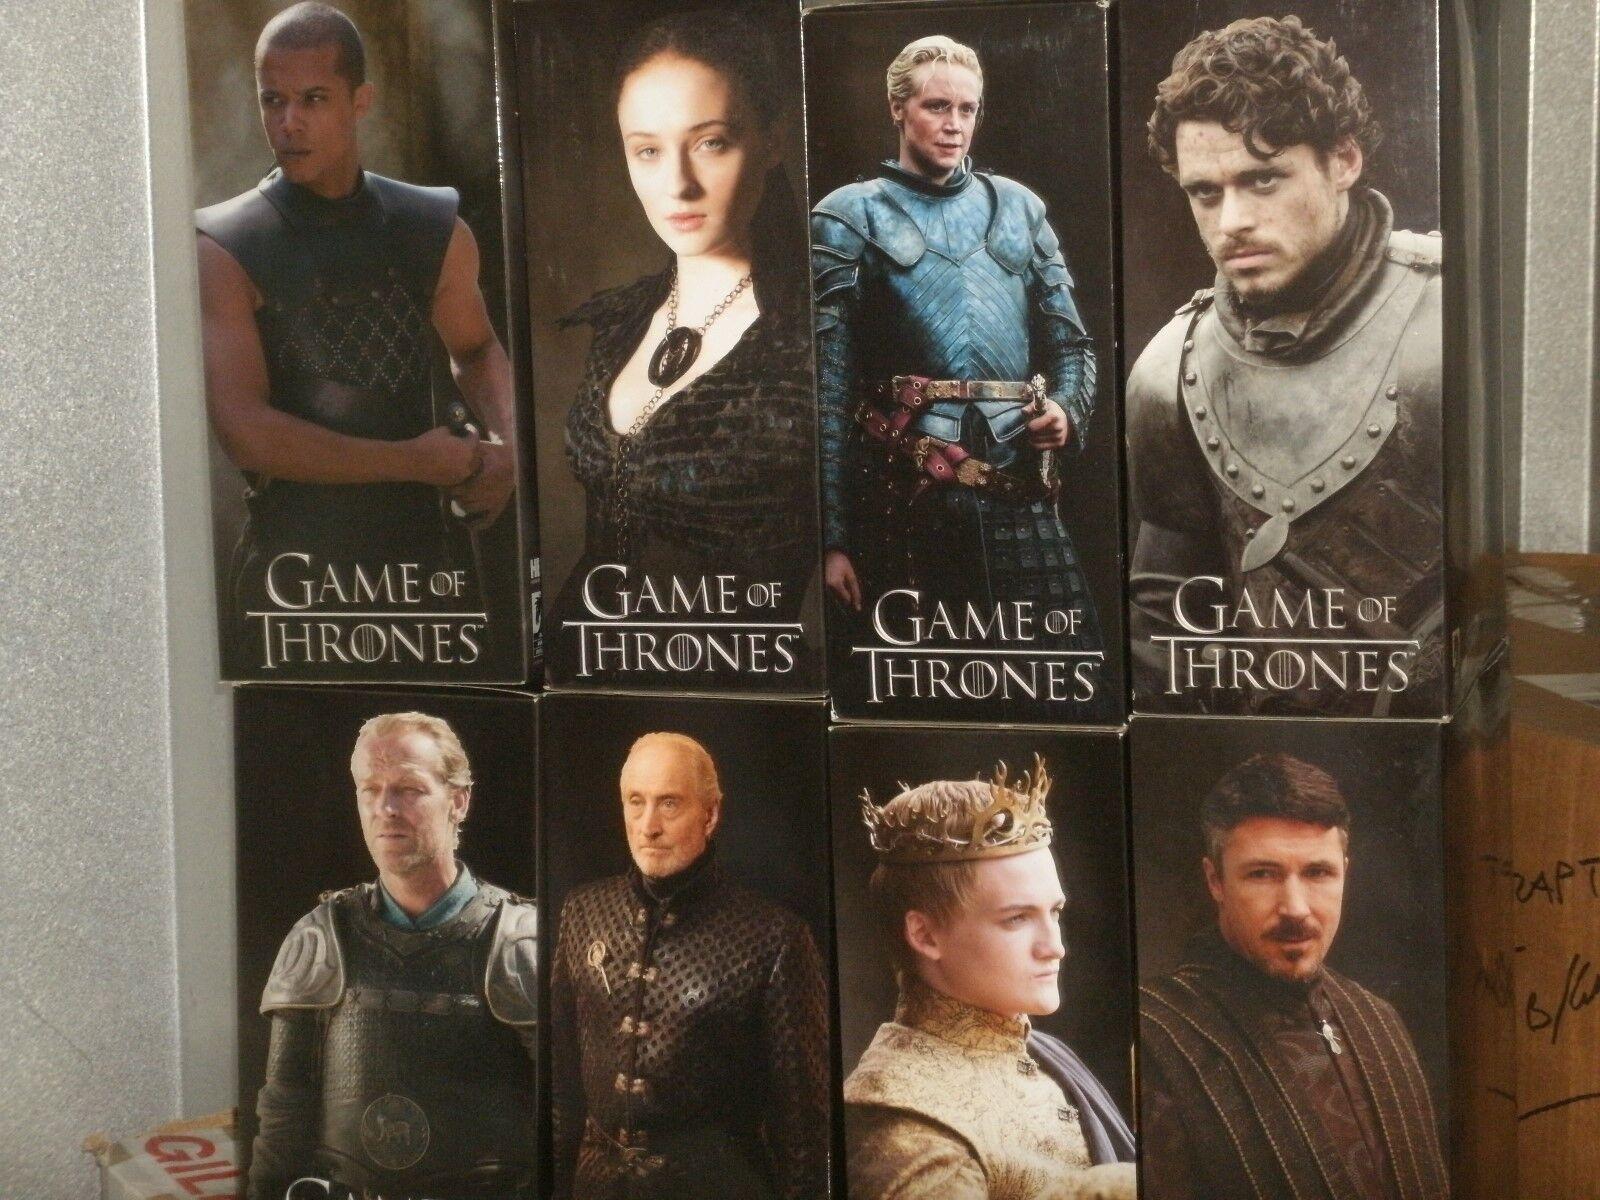 Game of thrones deluxe sammler zahlen  robb stark, littlefinger, sanska stark